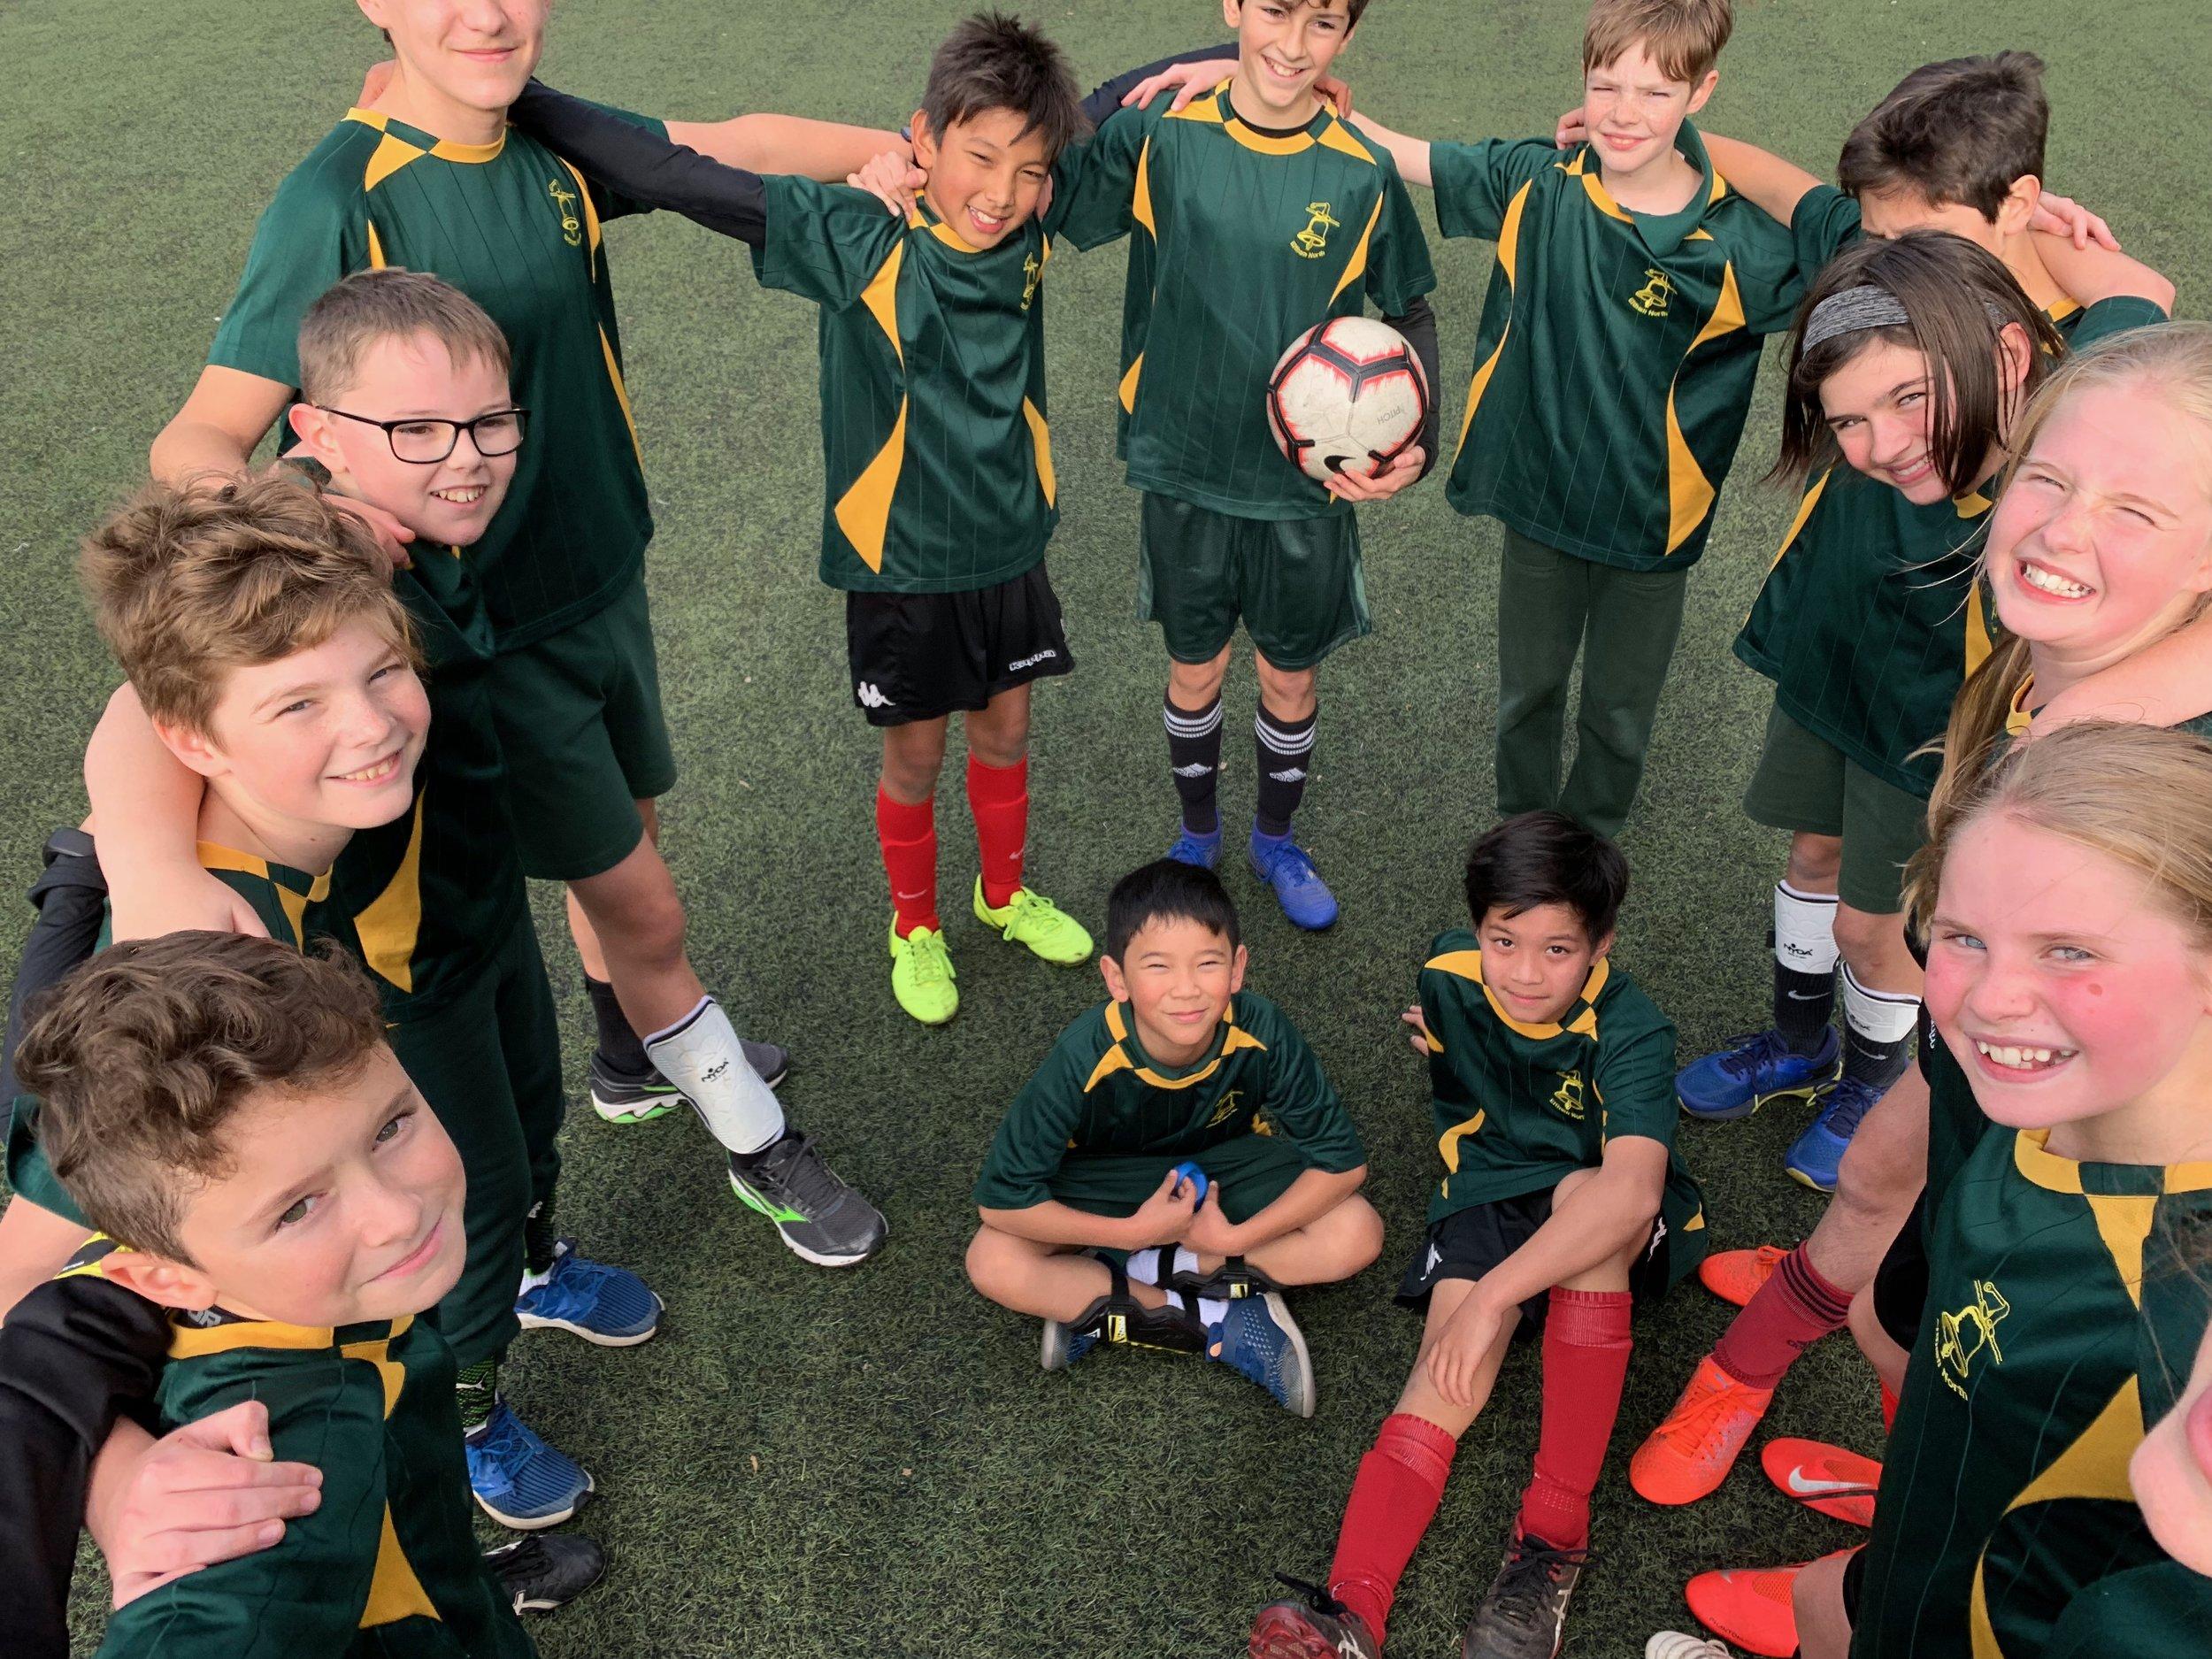 Soccer_Team.jpg